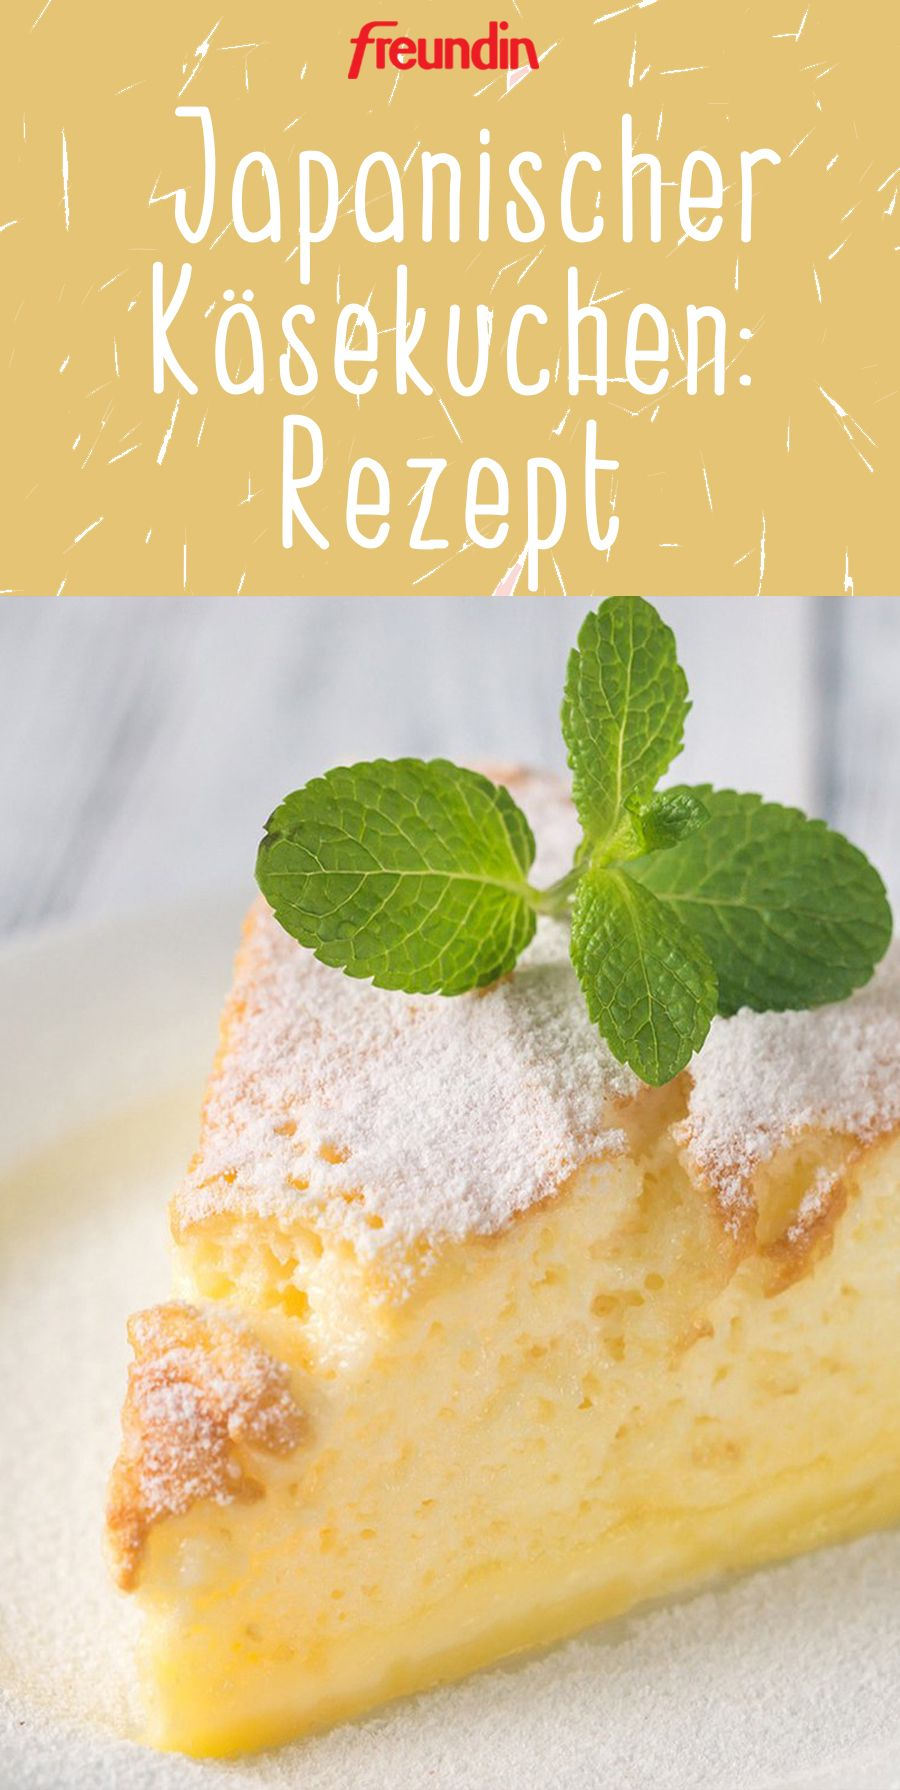 Photo of Lecker! Rezept für fluffigen, japanischen Käsekuchen